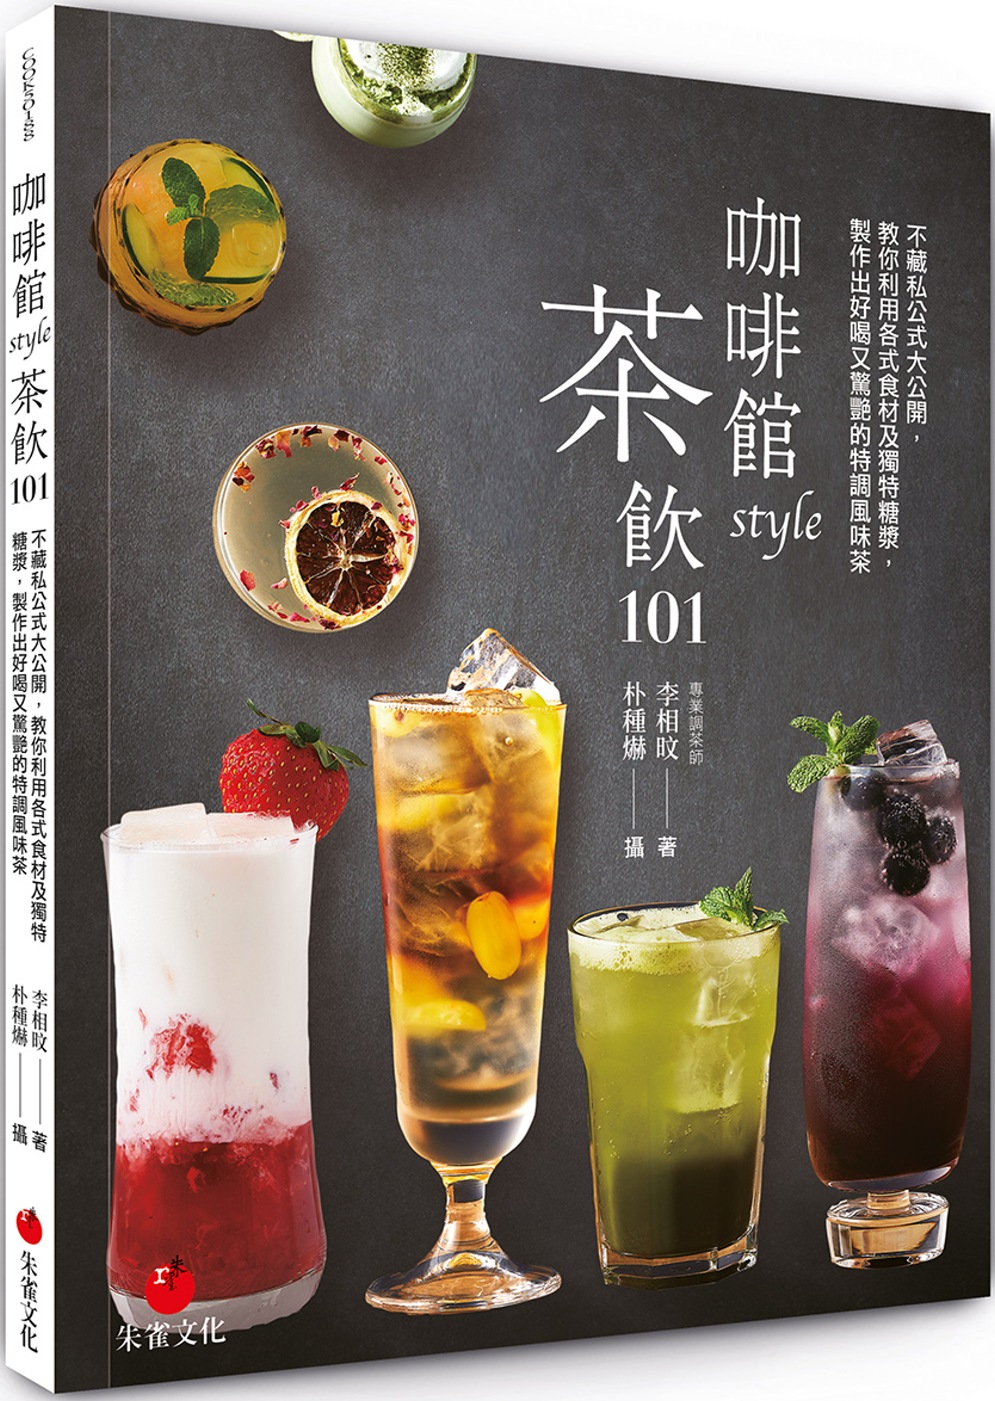 咖啡館style茶飲101:不...